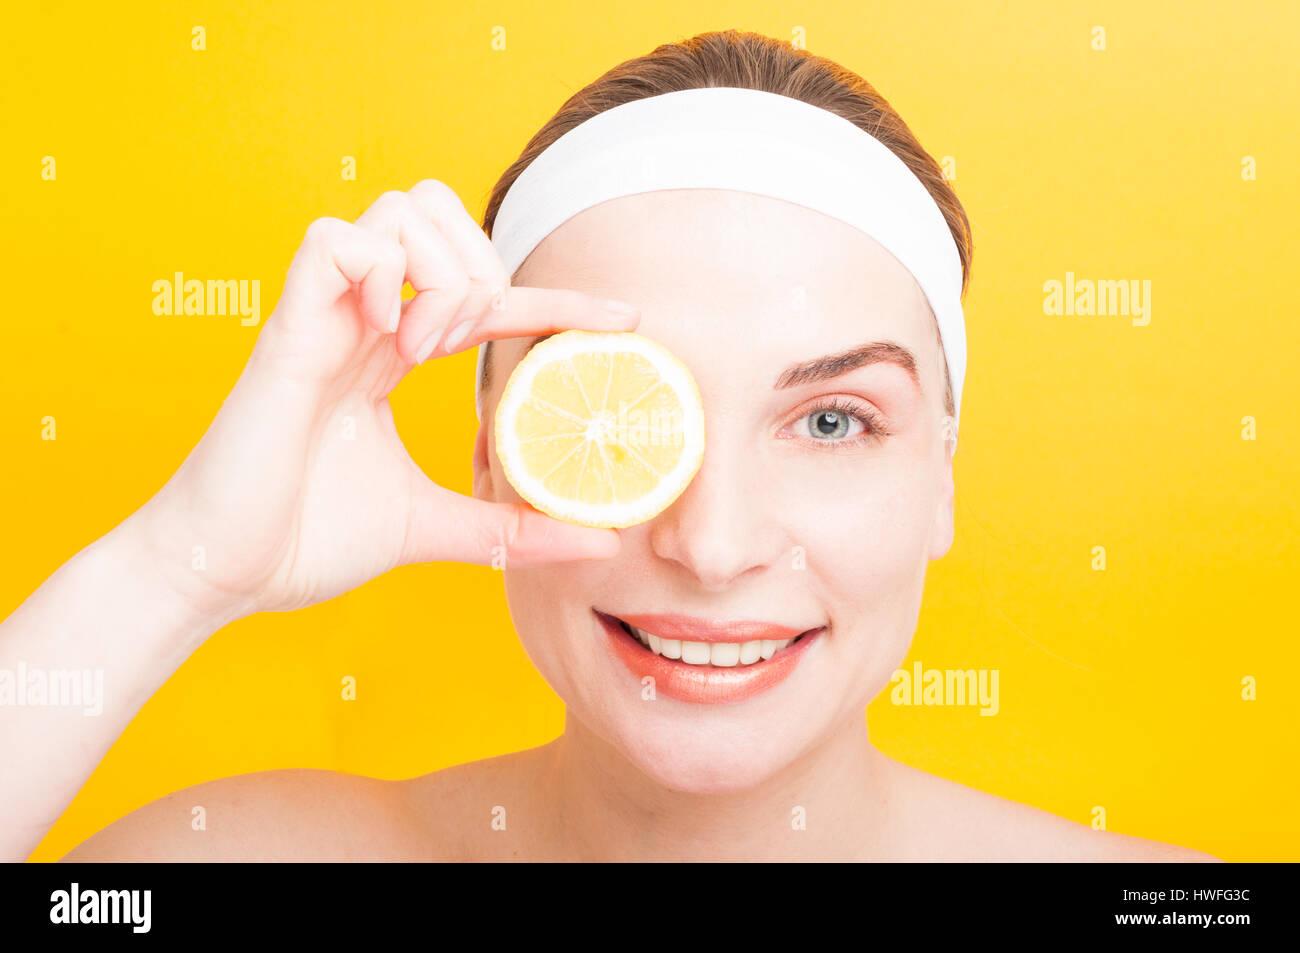 Masques visage naturel concept avec de jeunes femelles et une tranche de citron frais sur fond jaune Photo Stock